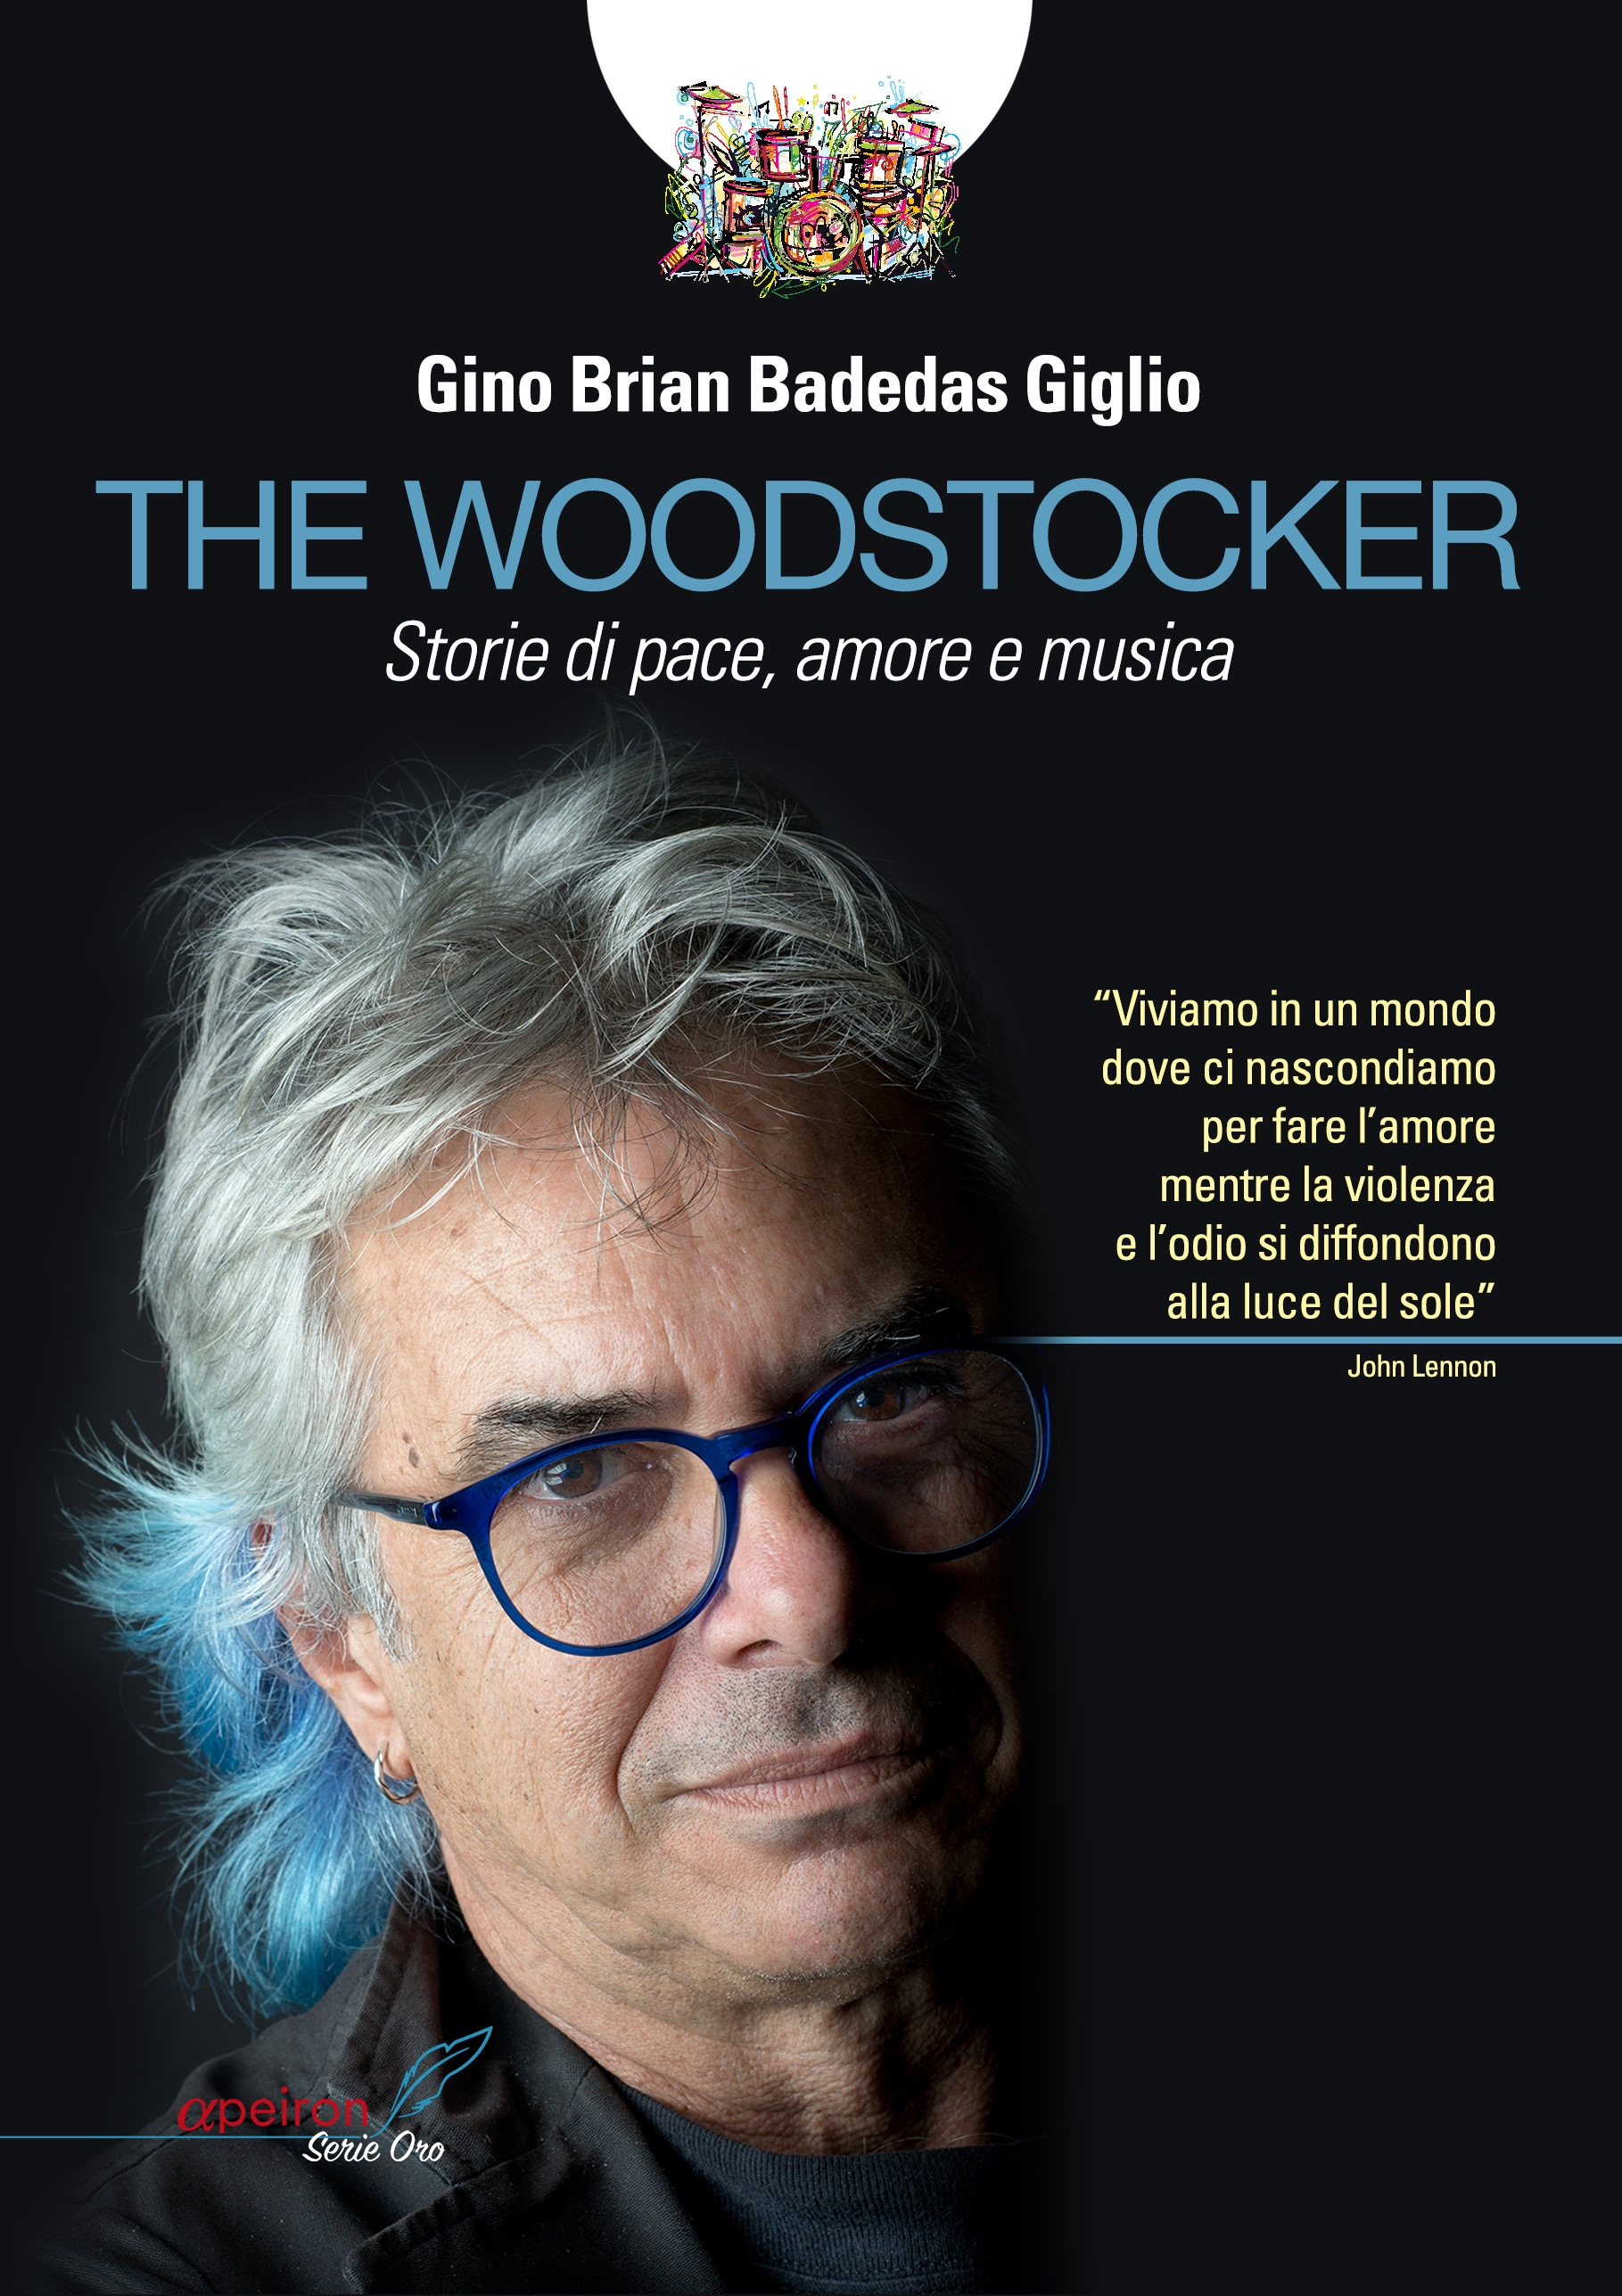 Festa europea della musica - presentazione al Pan del libro The Wodstocker di Gino Giglio